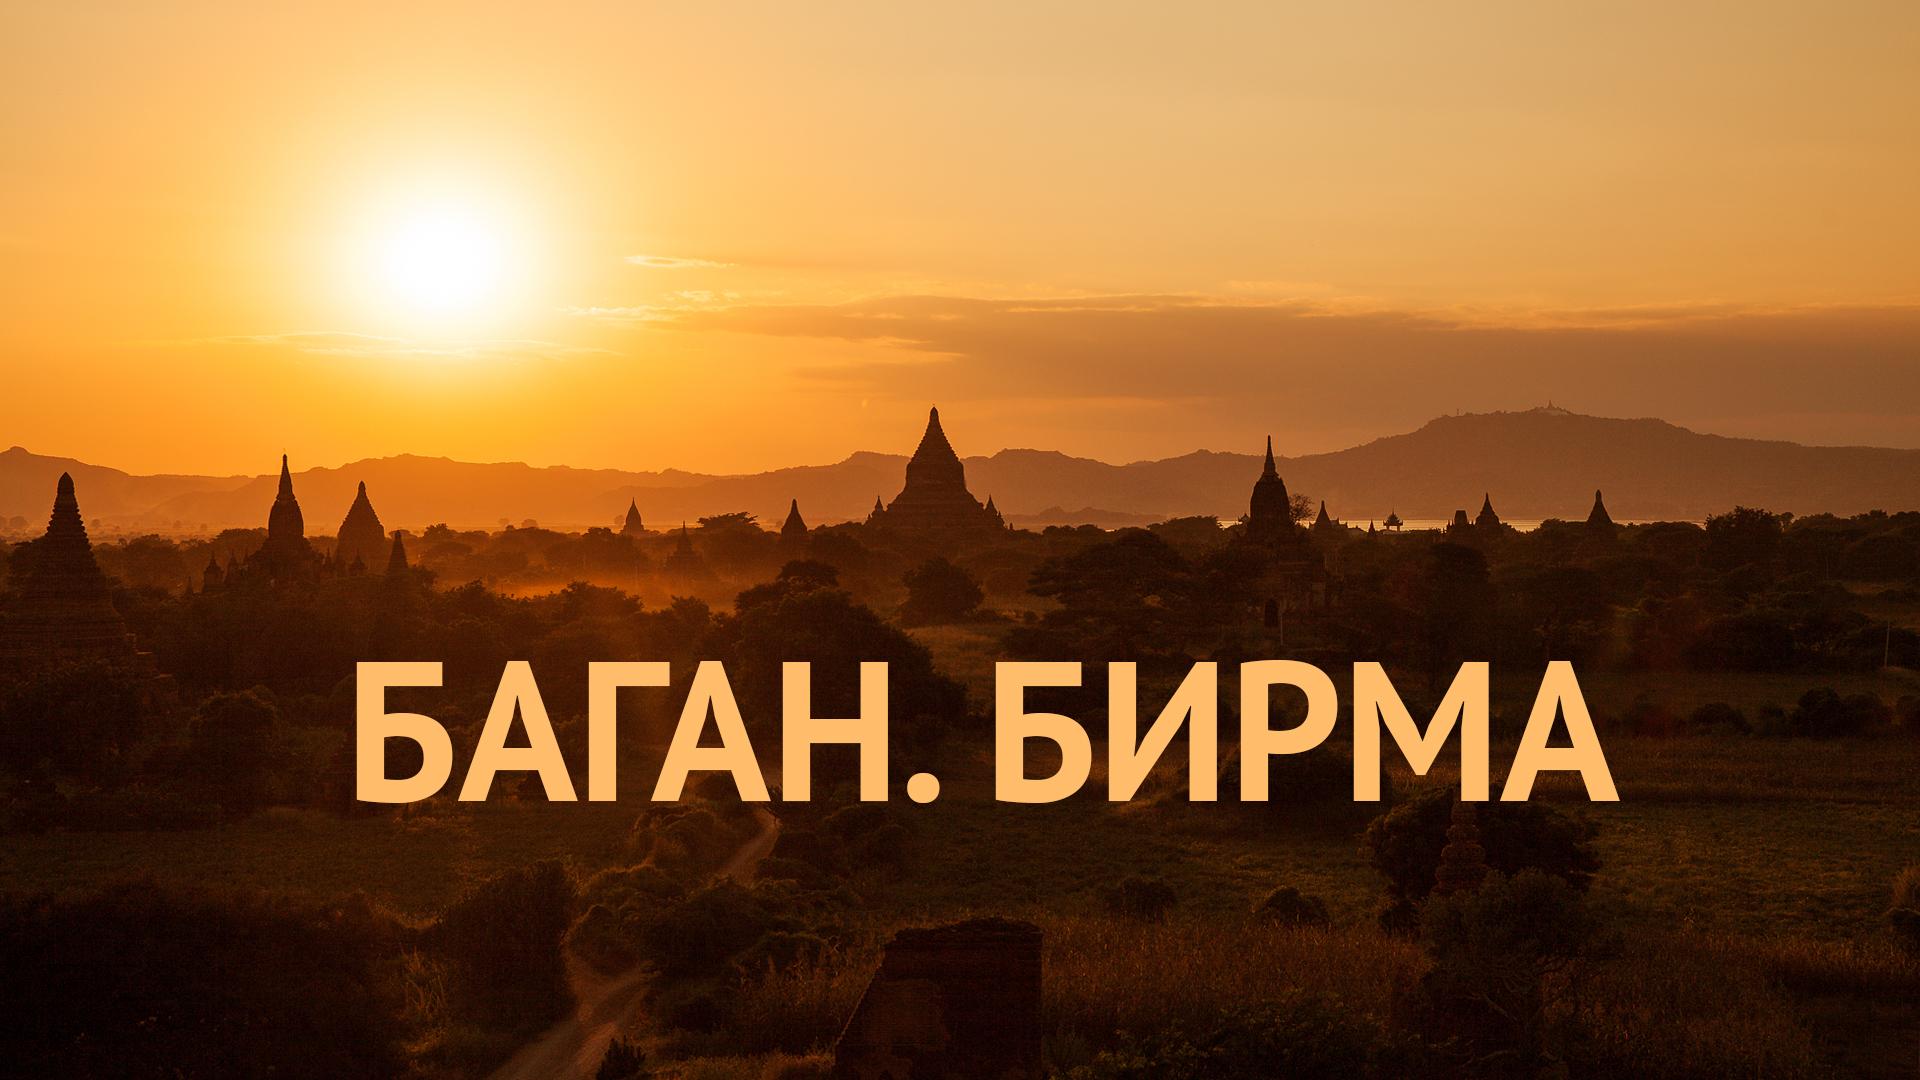 Баган Бирма